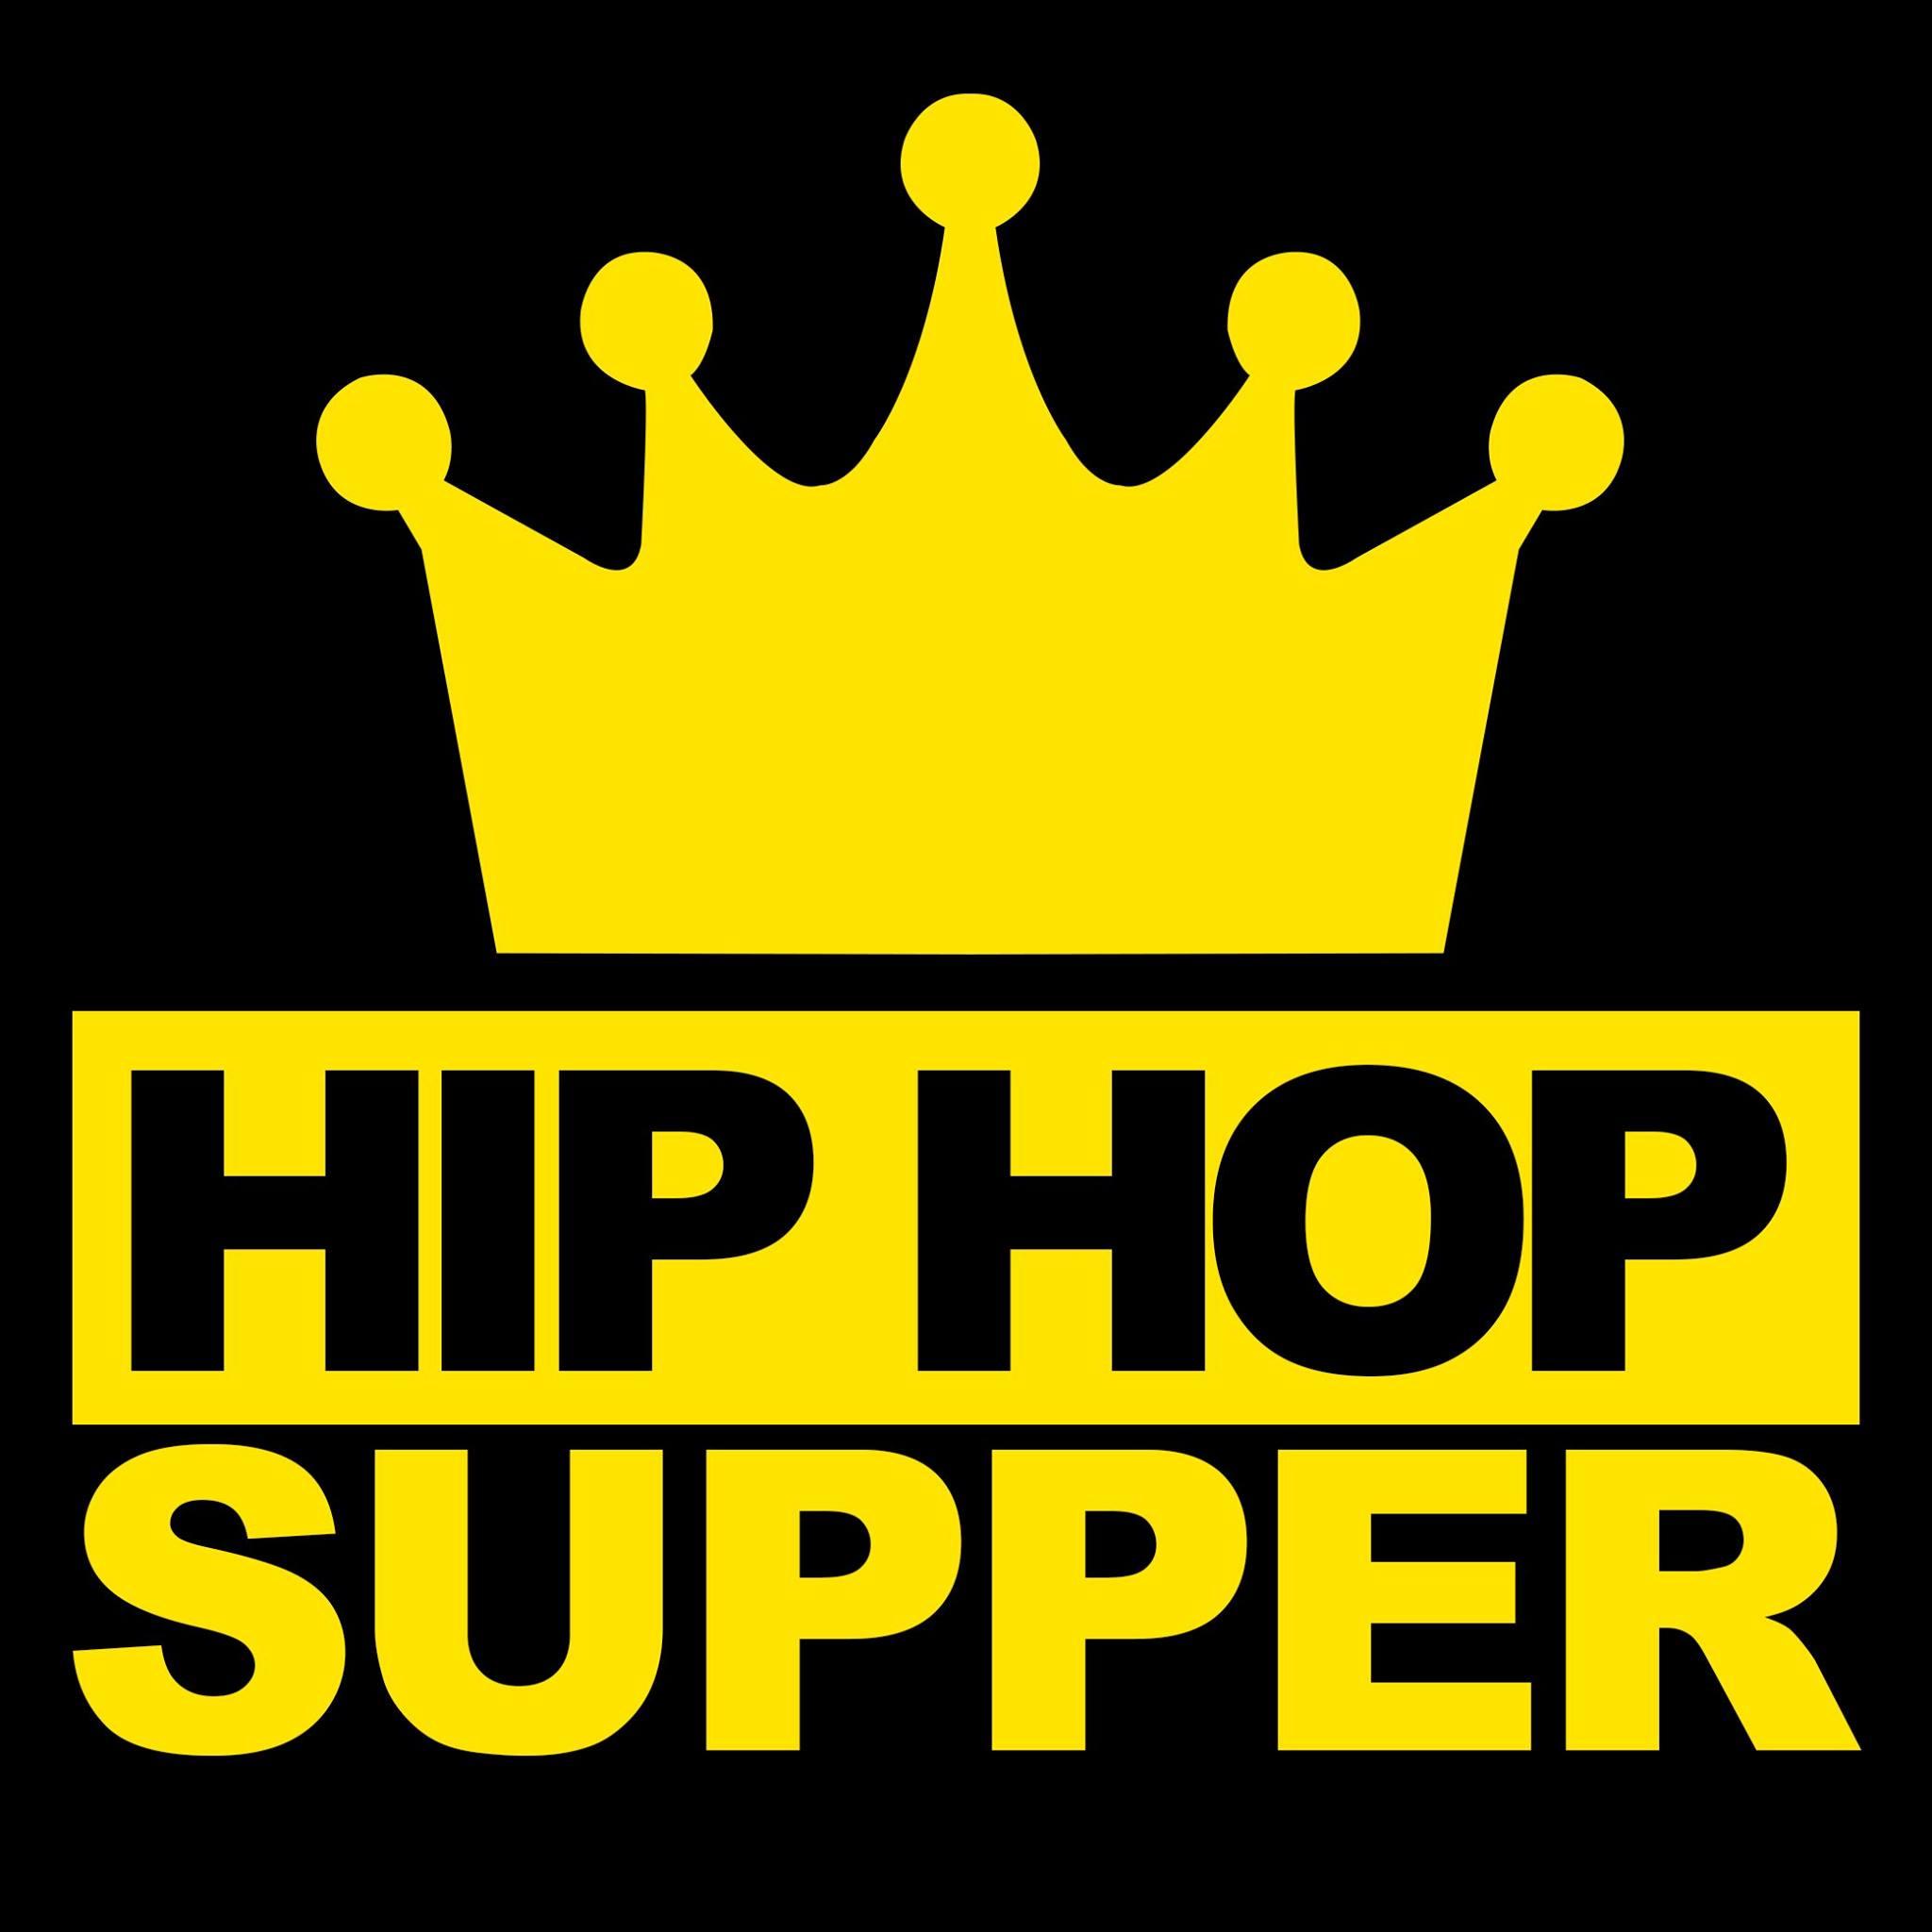 Hip Hop Supper.jpg